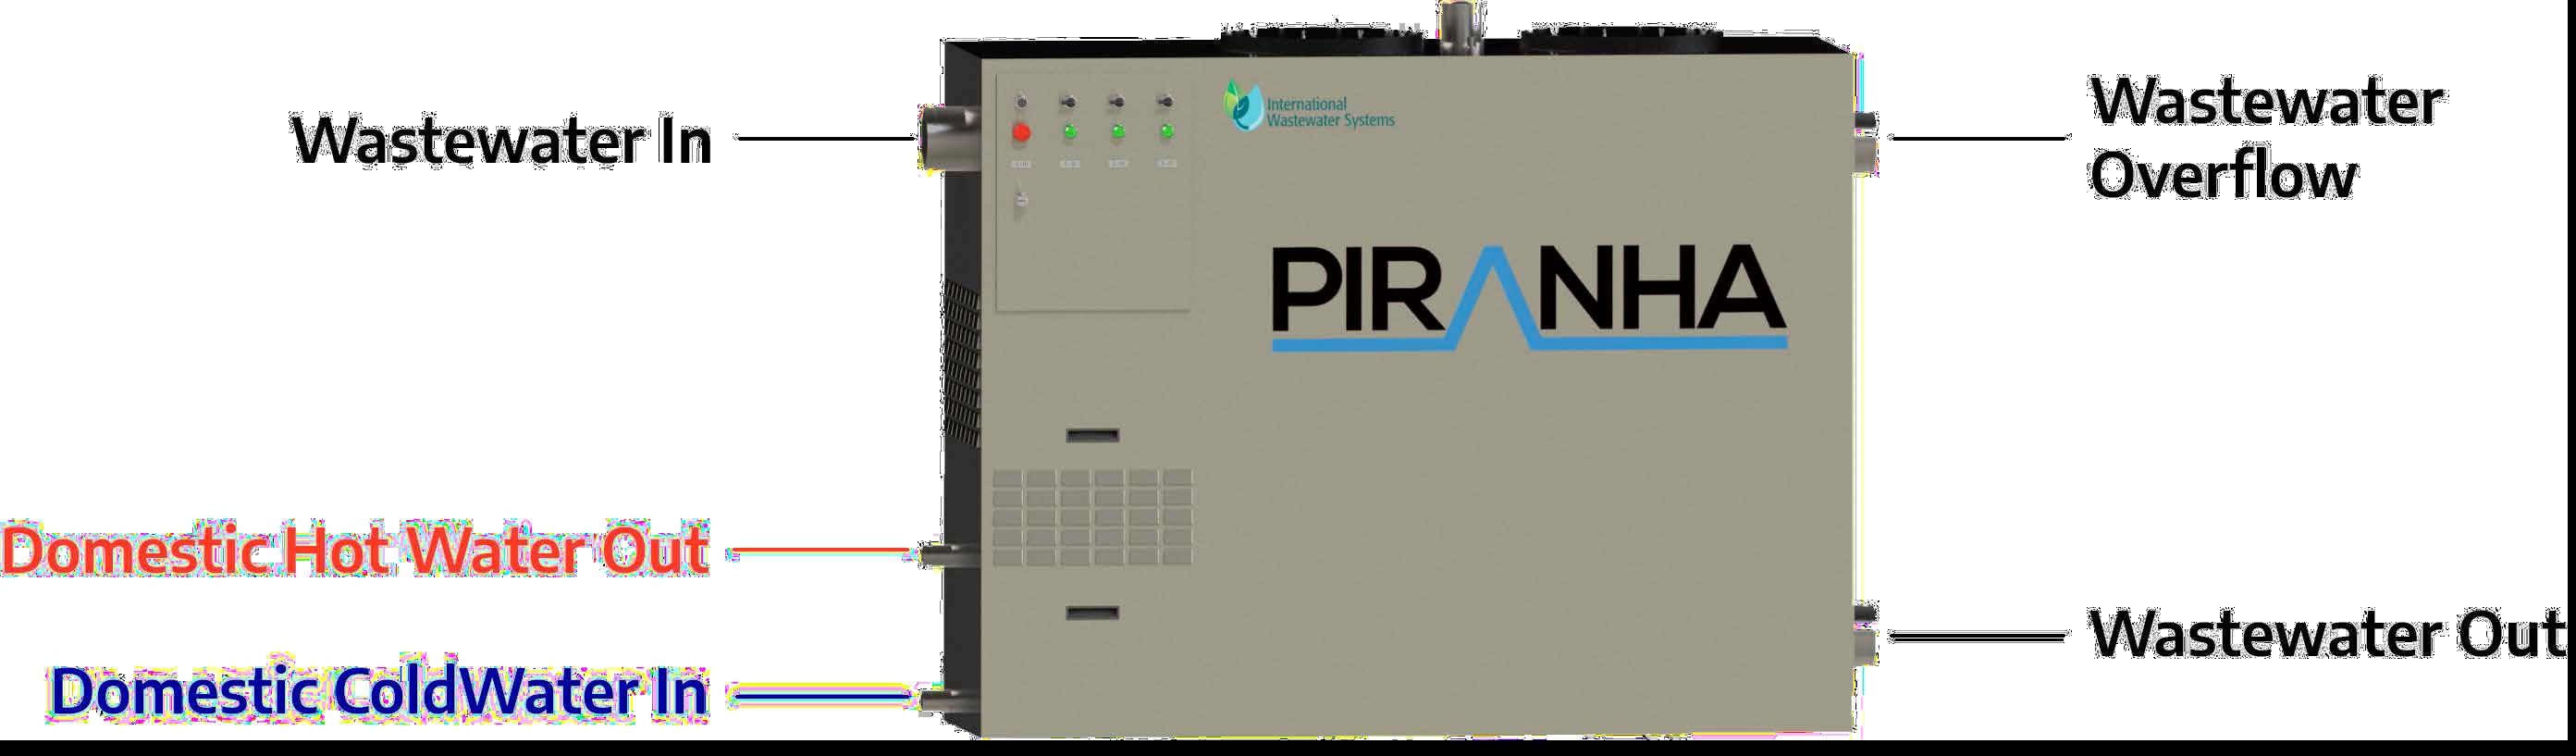 SHARC Energy Systems PIRANHA Diagram